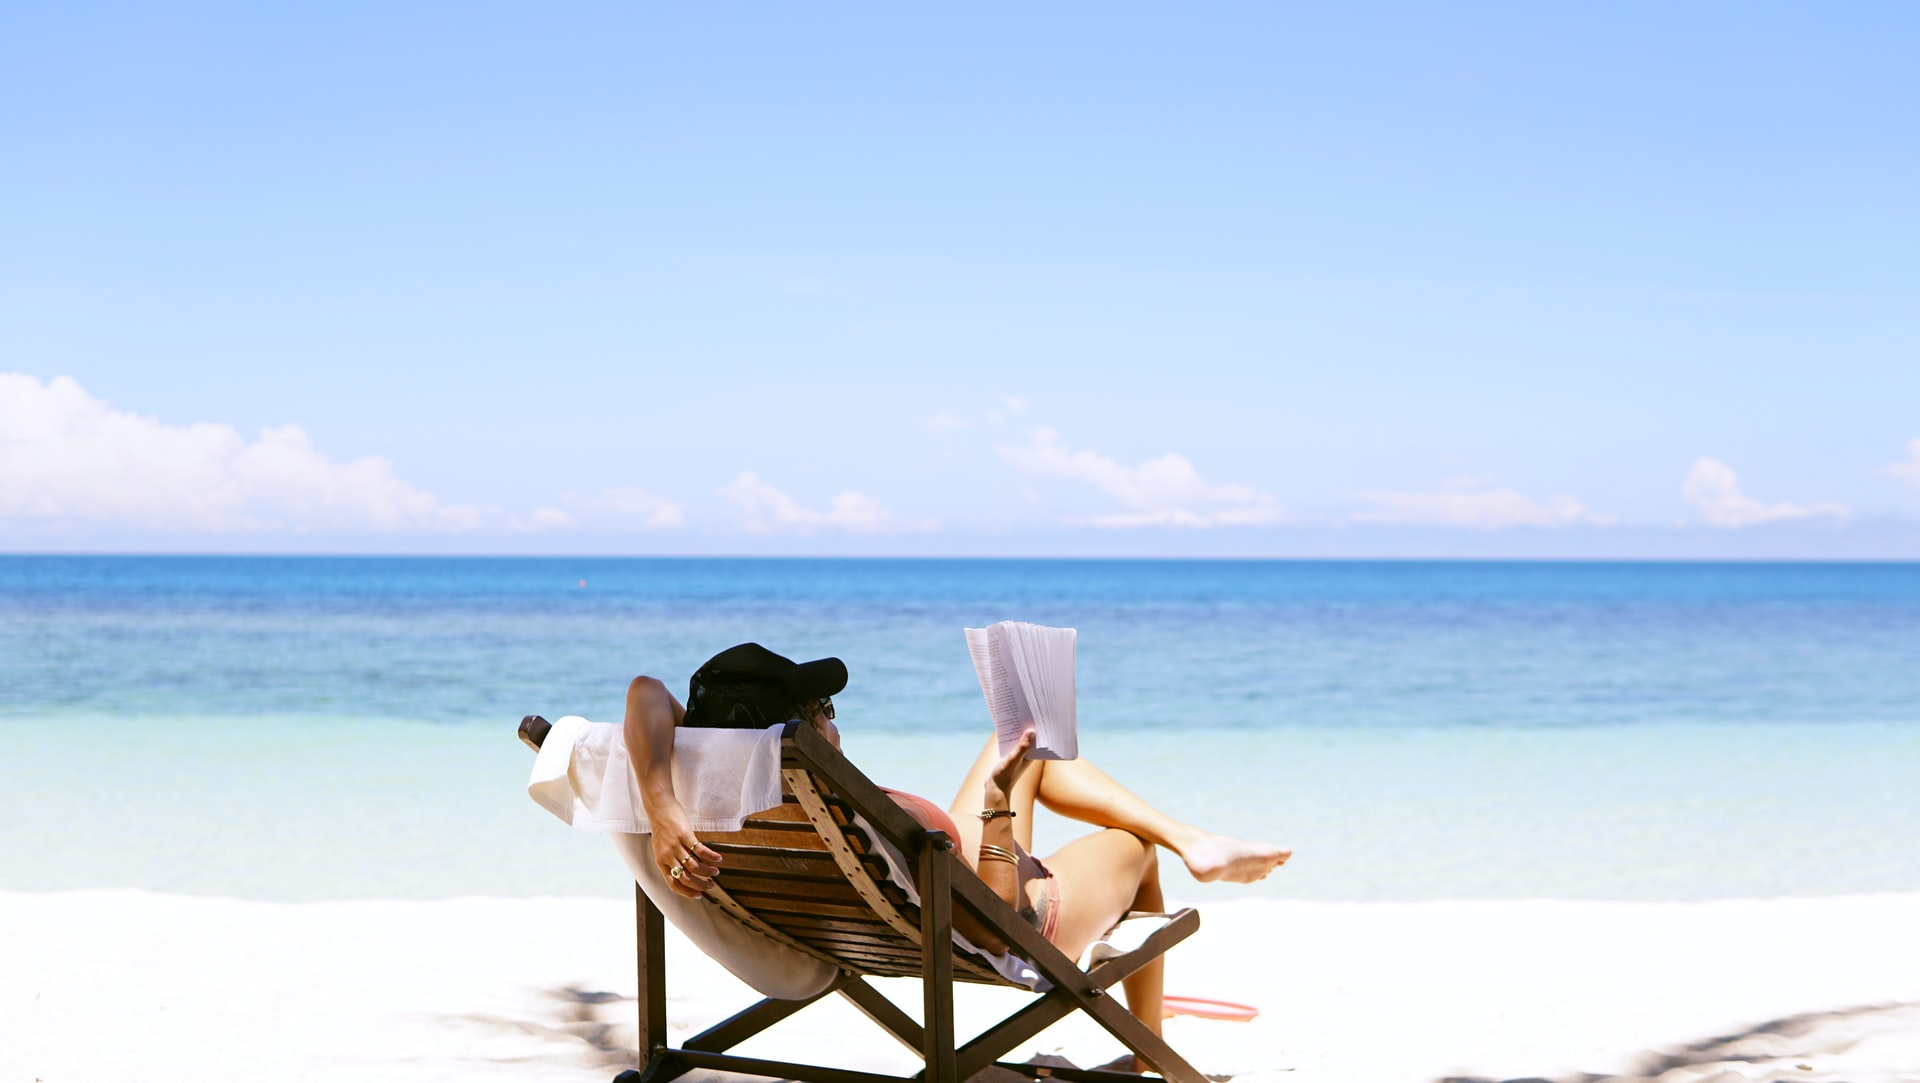 Leesonderzoek: tijdens de zomer lezen we vaker spannende boeken